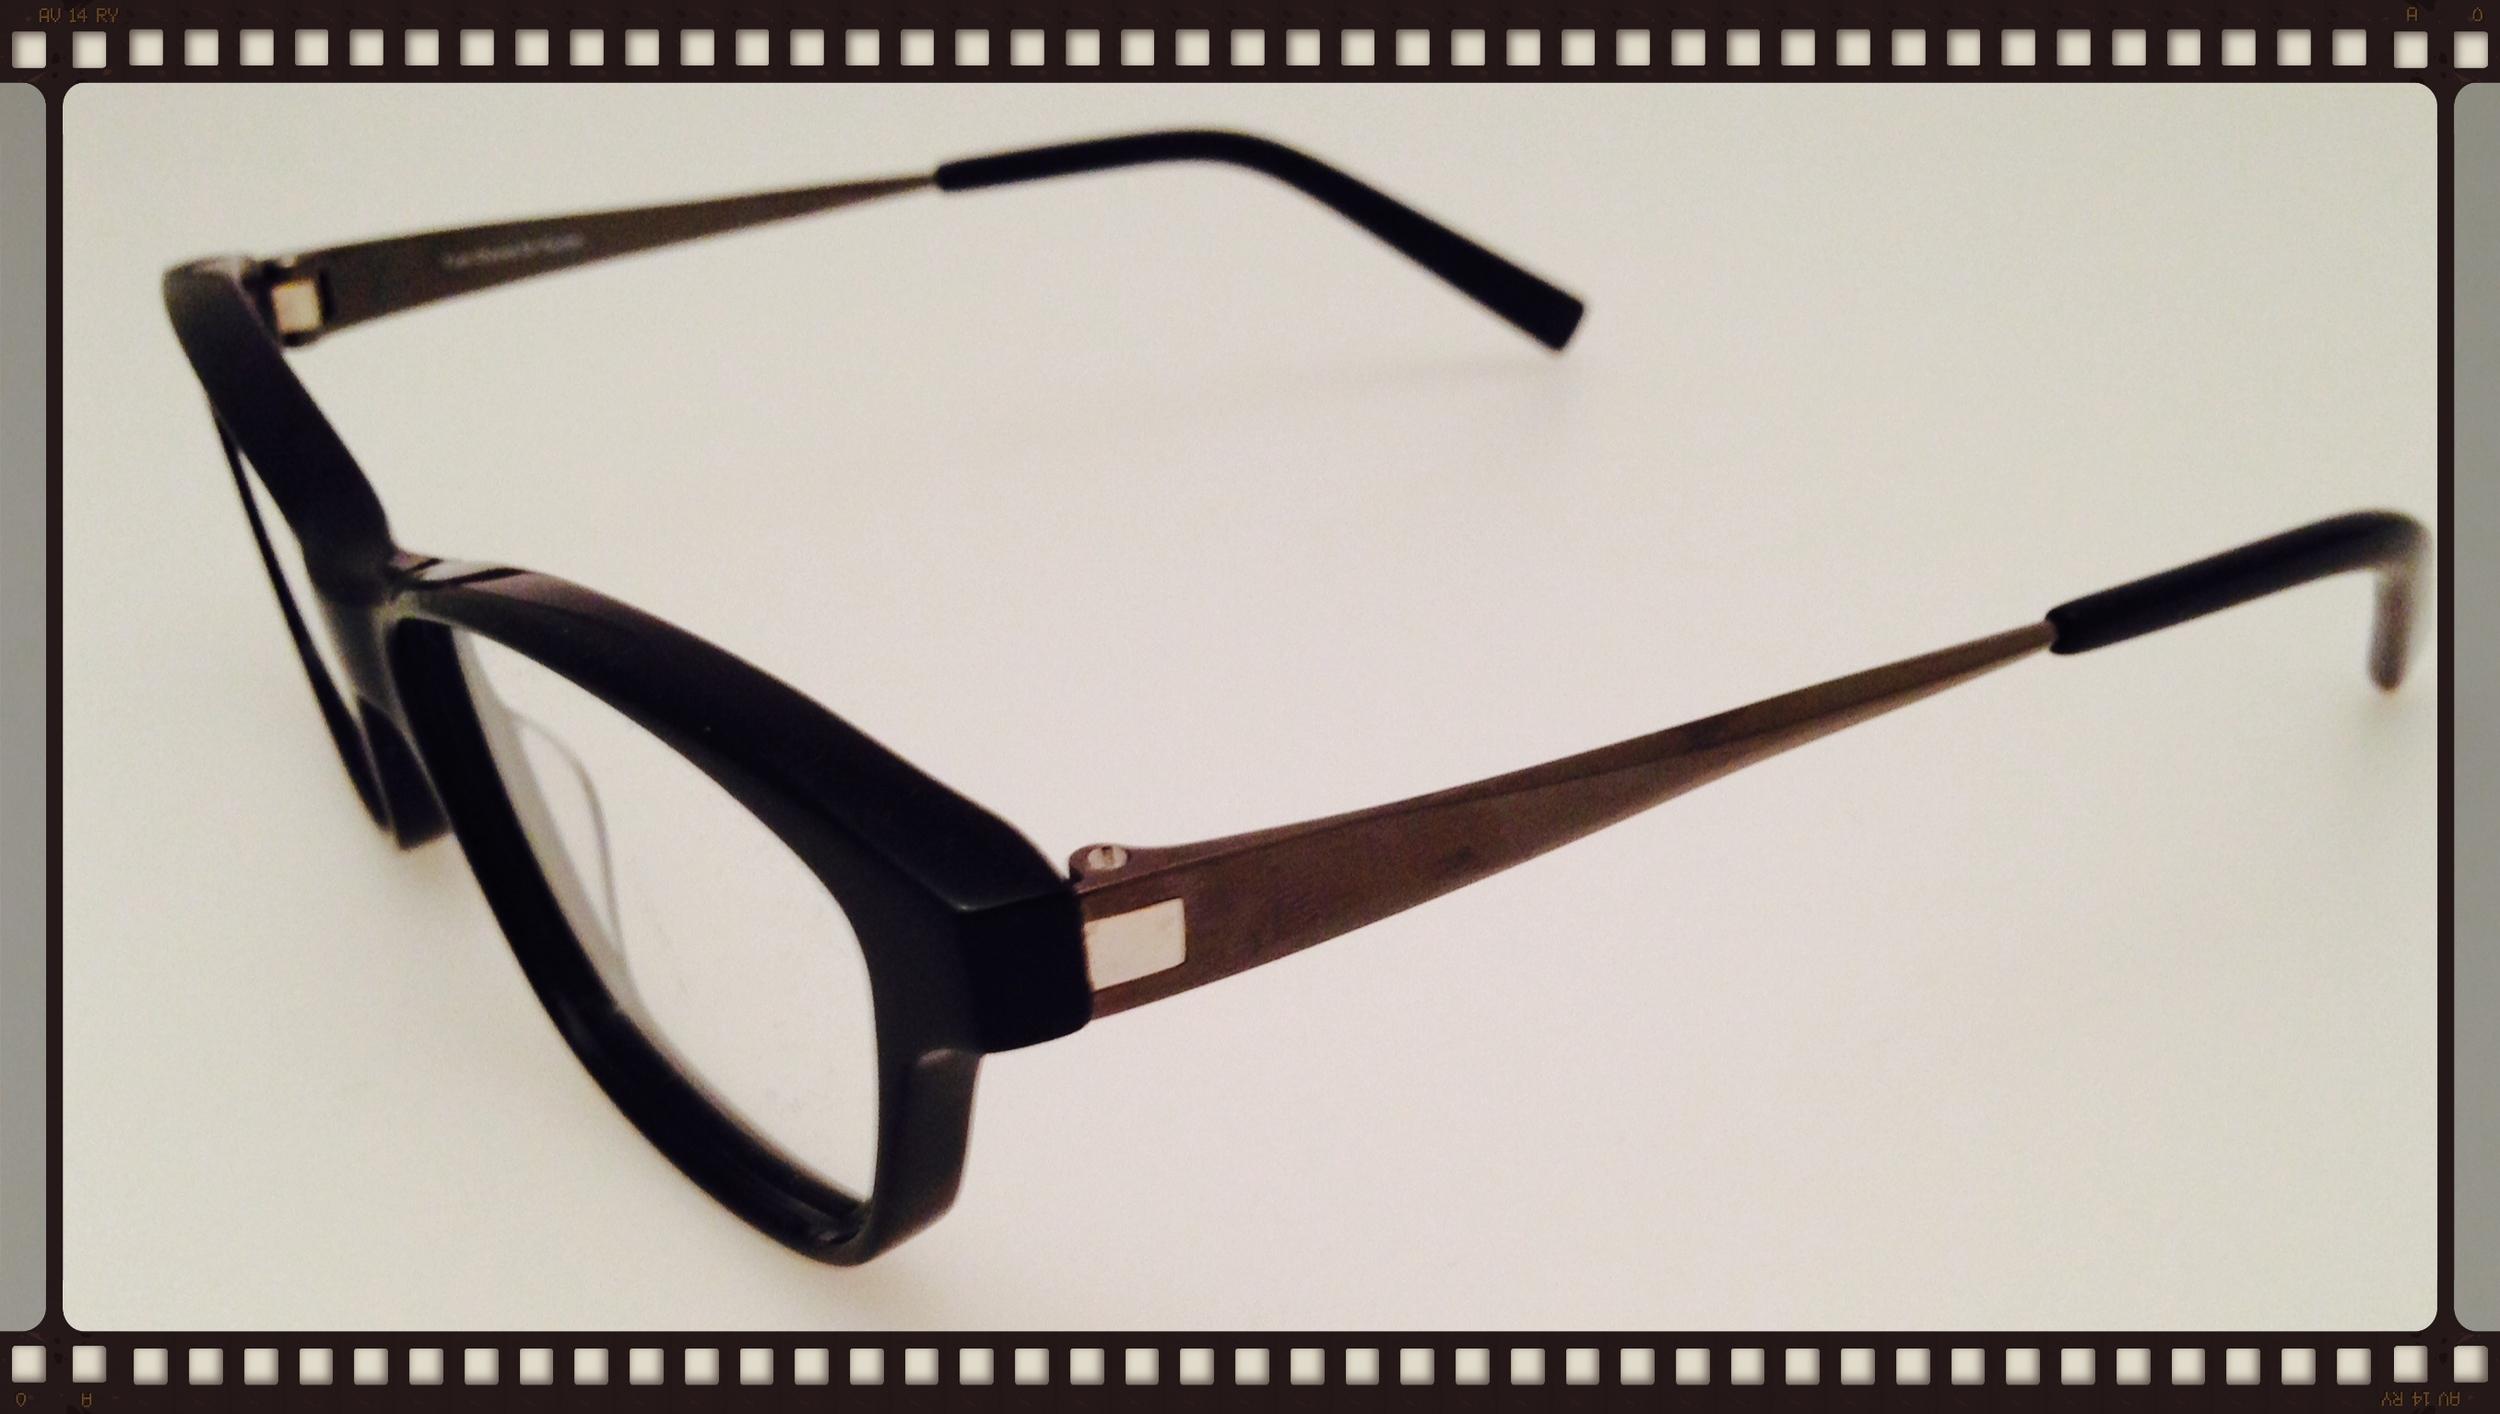 eye-bar-tome-davies-couture-eyewear-side.jpg